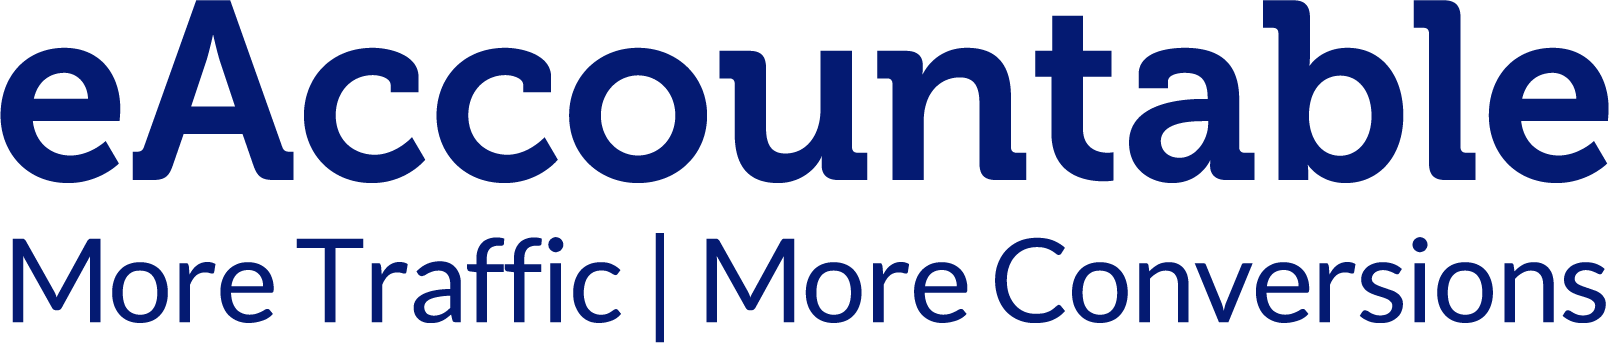 eAccountable logo